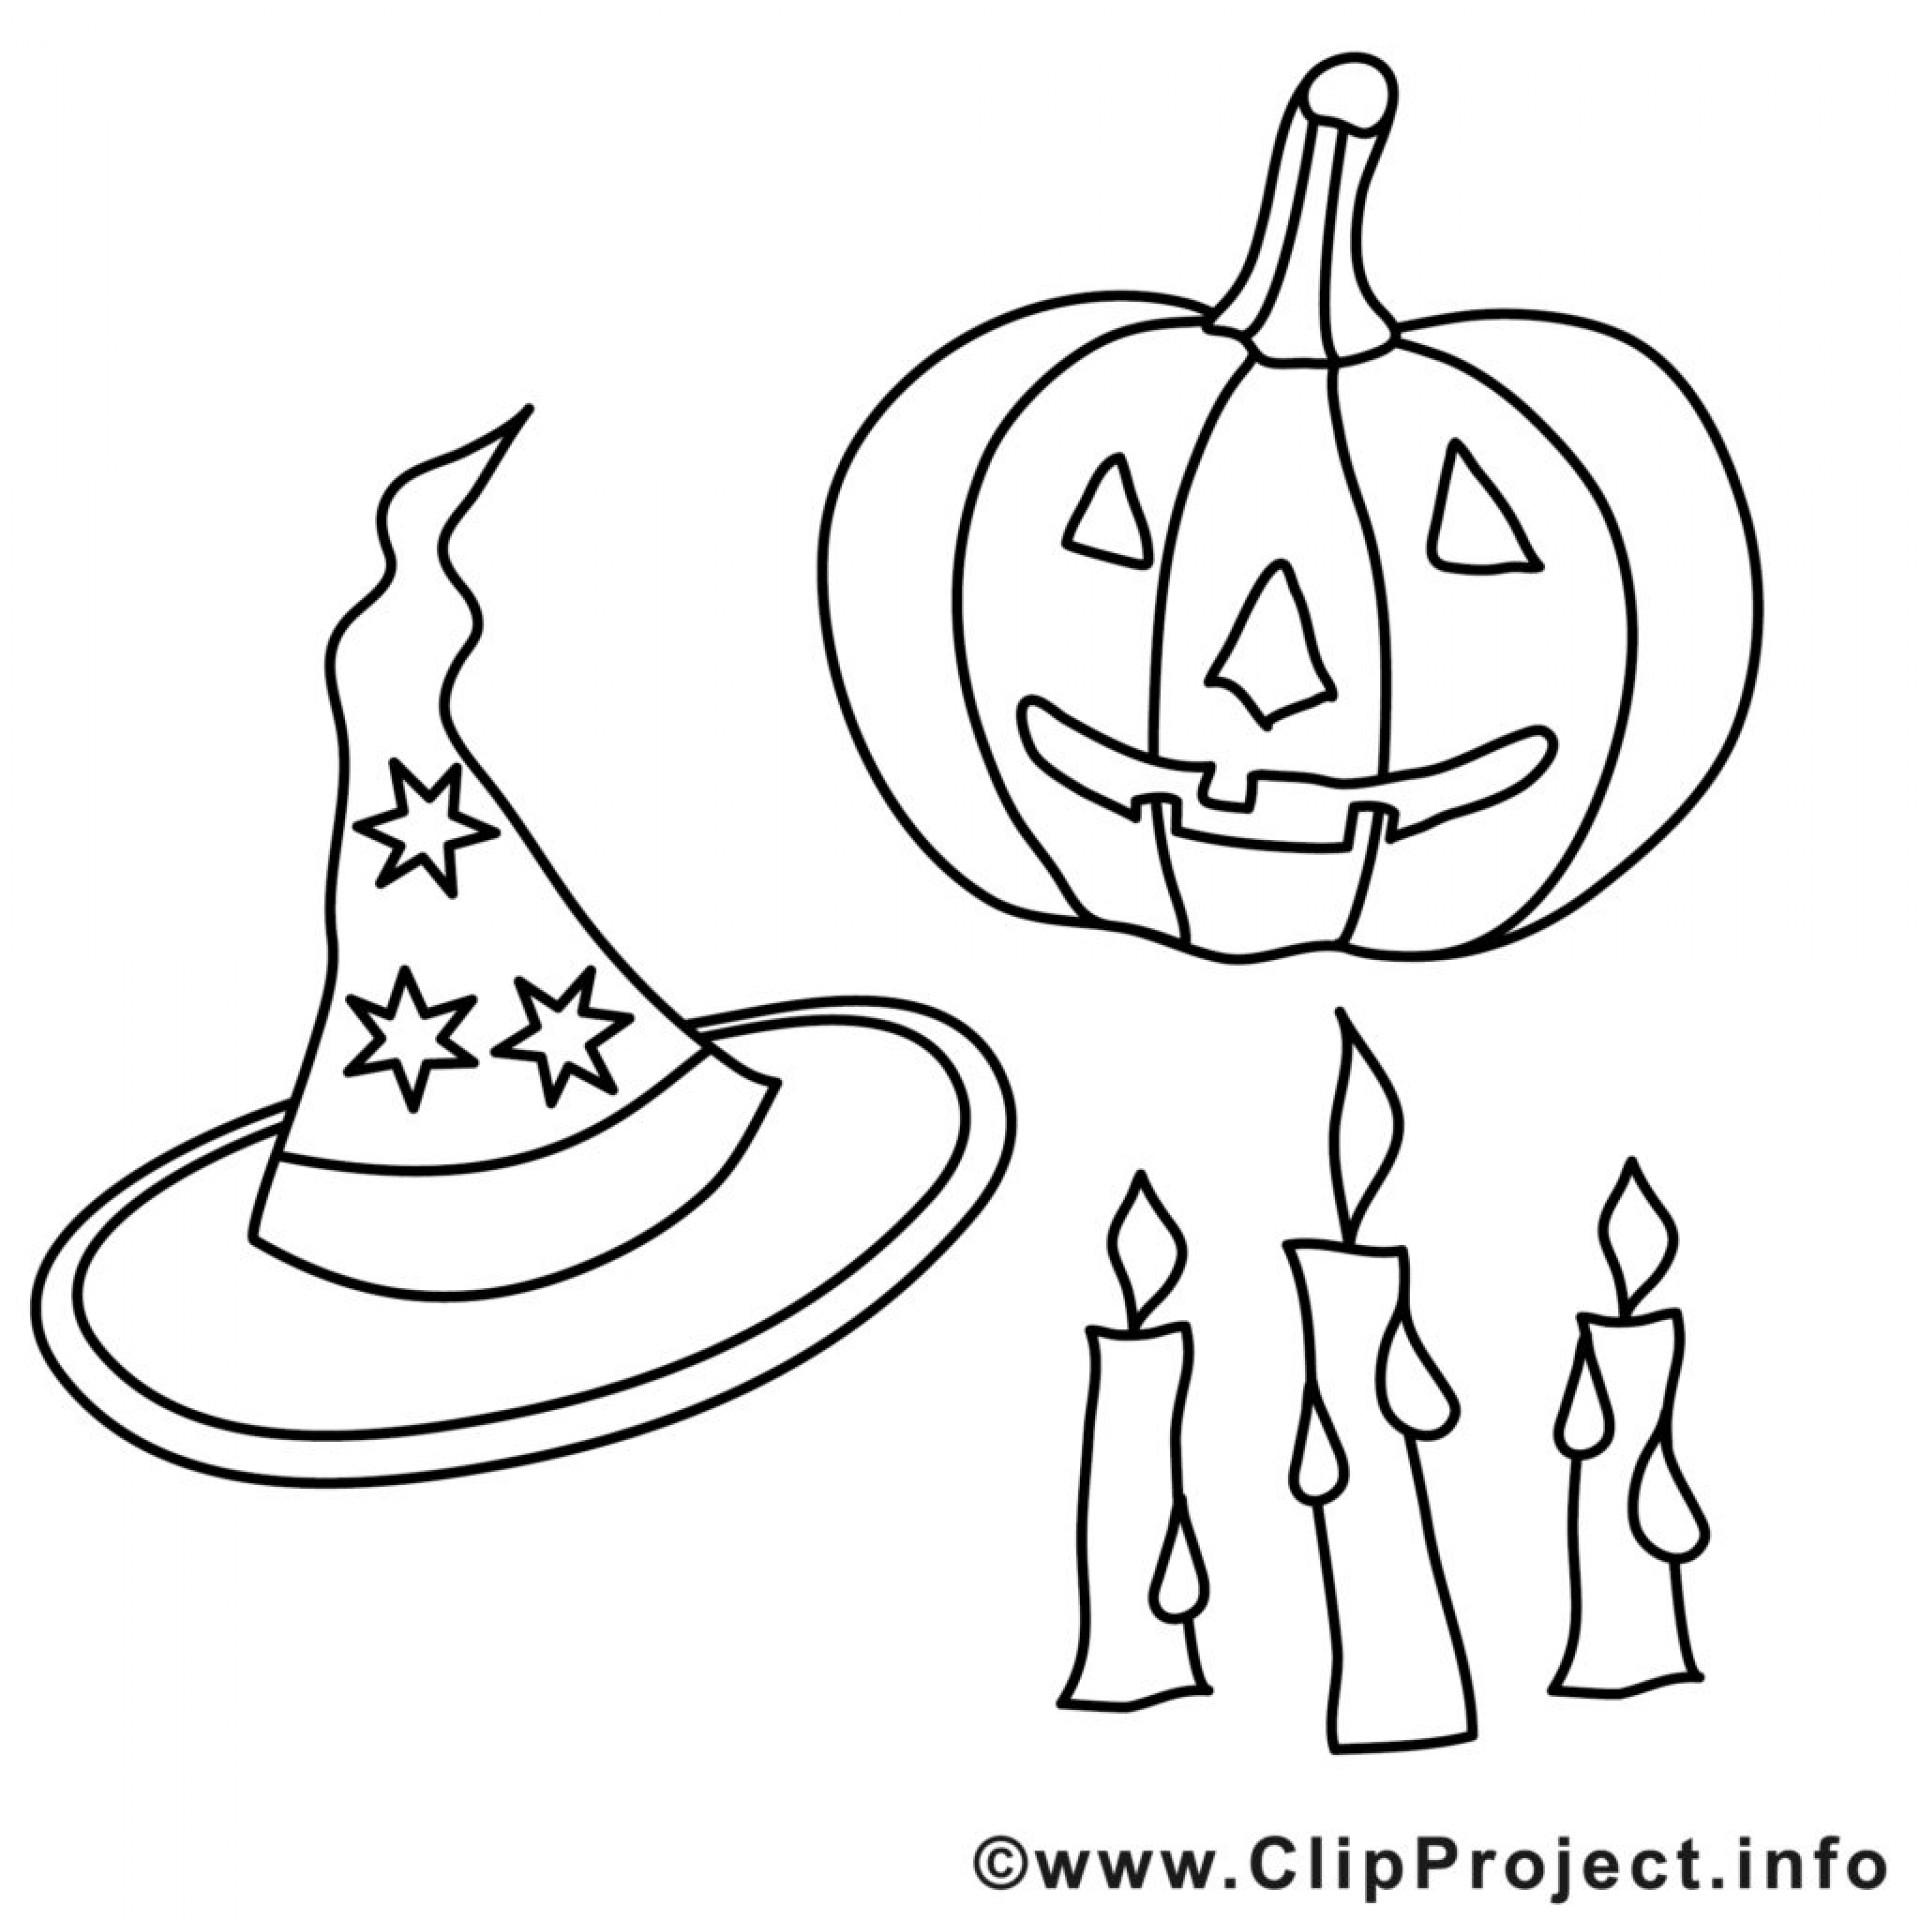 Kostenlose Halloween Malvorlagen Fur Kinder - Malvorlagen für Ausmalbilder Zum Ausdrucken Halloween